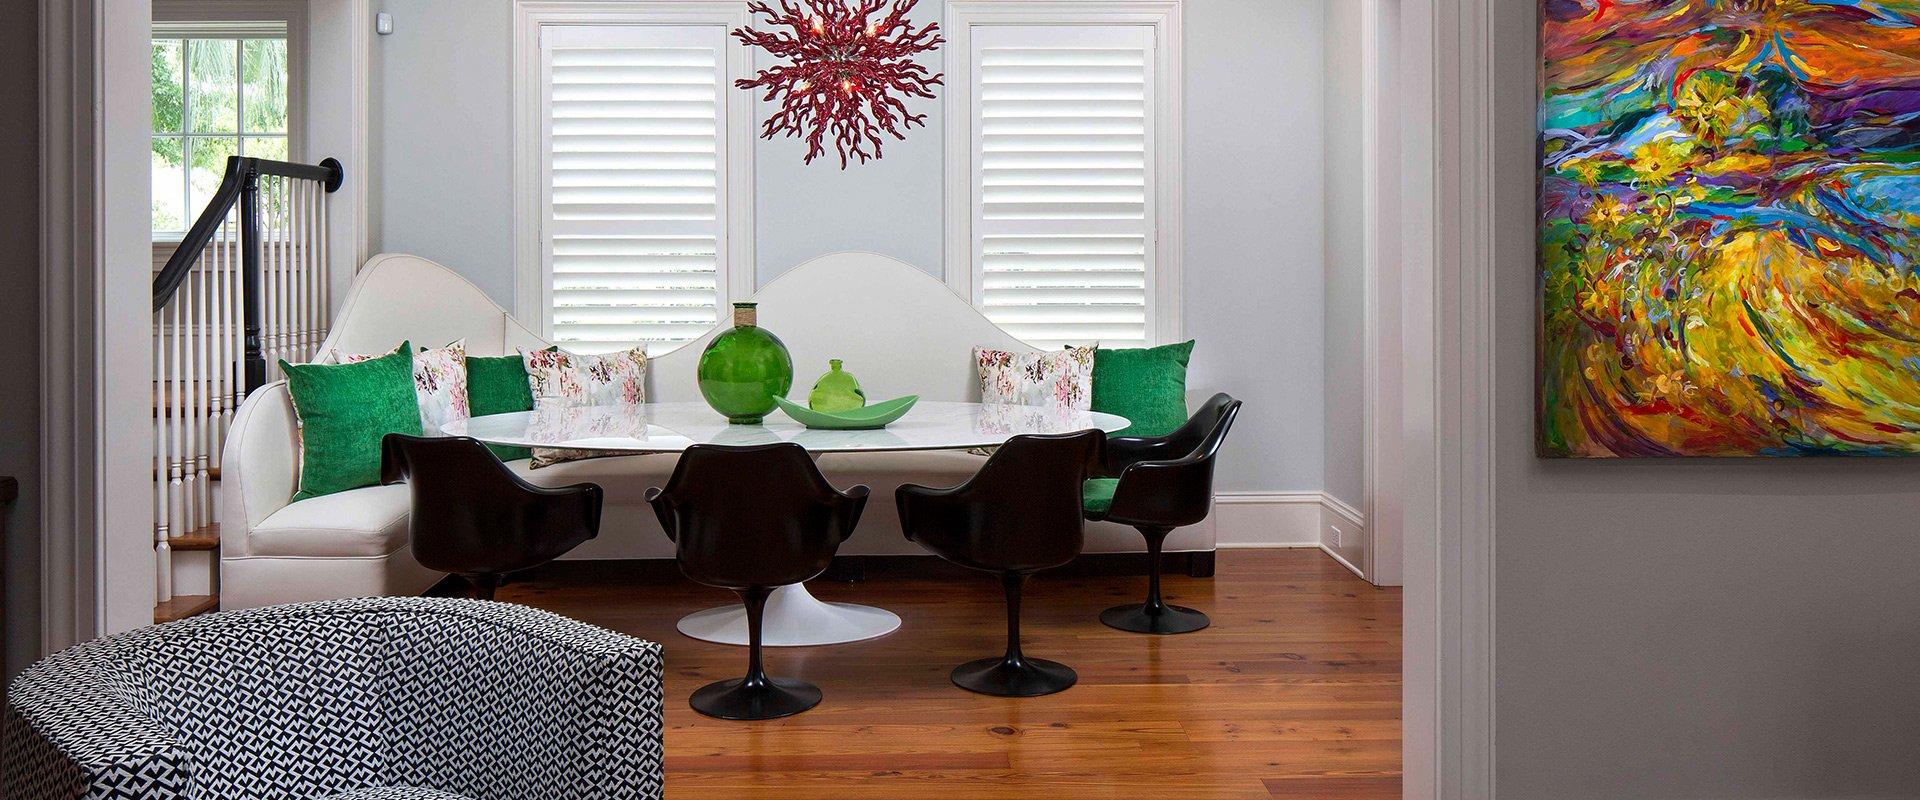 CRT Studio Winter Park Interior Design